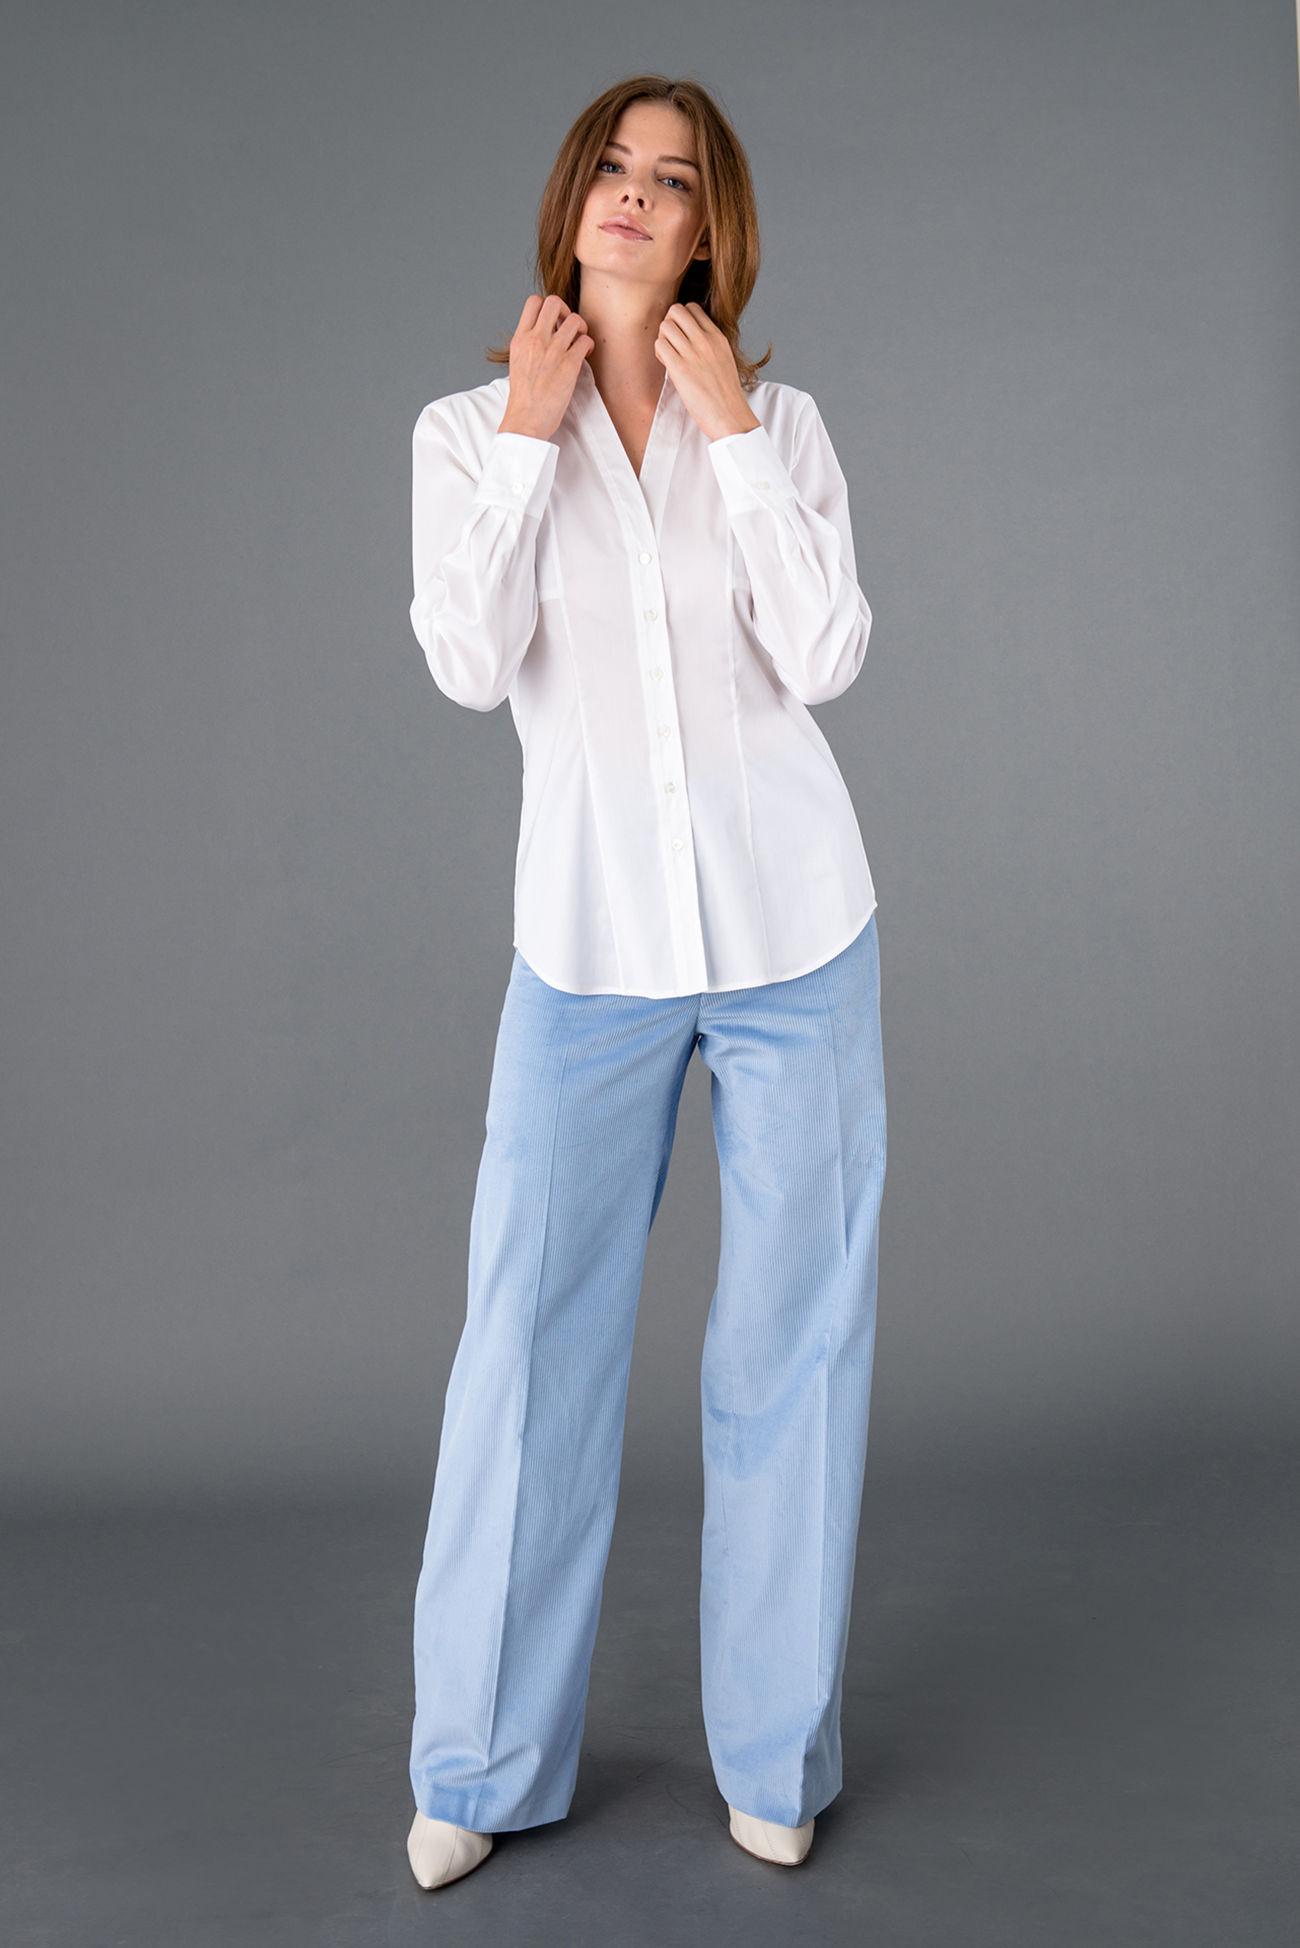 Moderne Bluse aus Baumwoll-Popeline Stretch